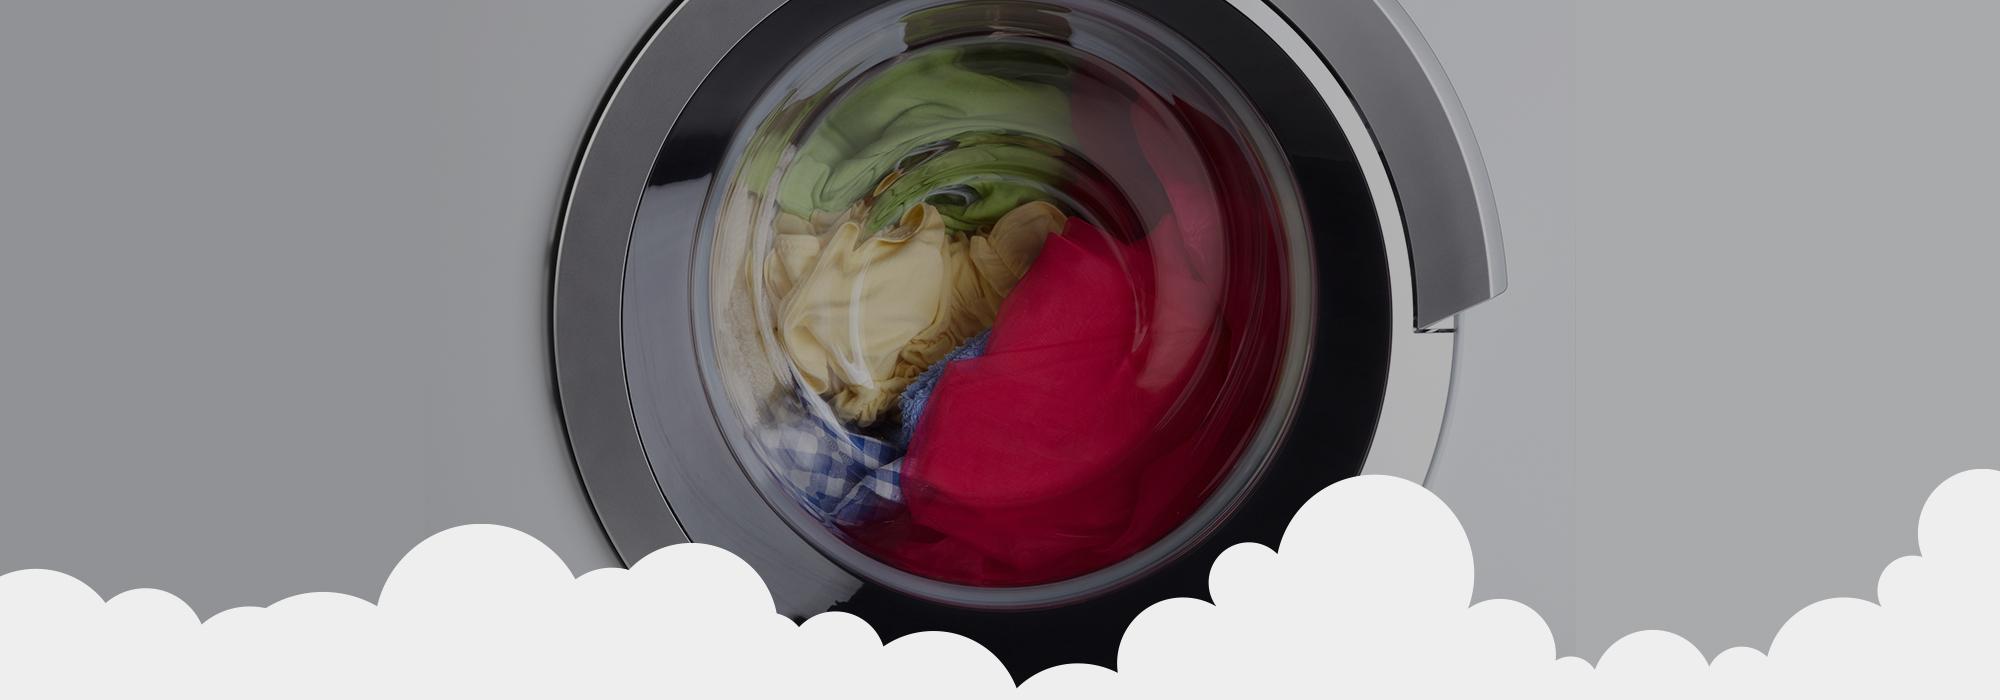 Junija 2021 smo podarili pralni stroj družini iz Prekmurja.